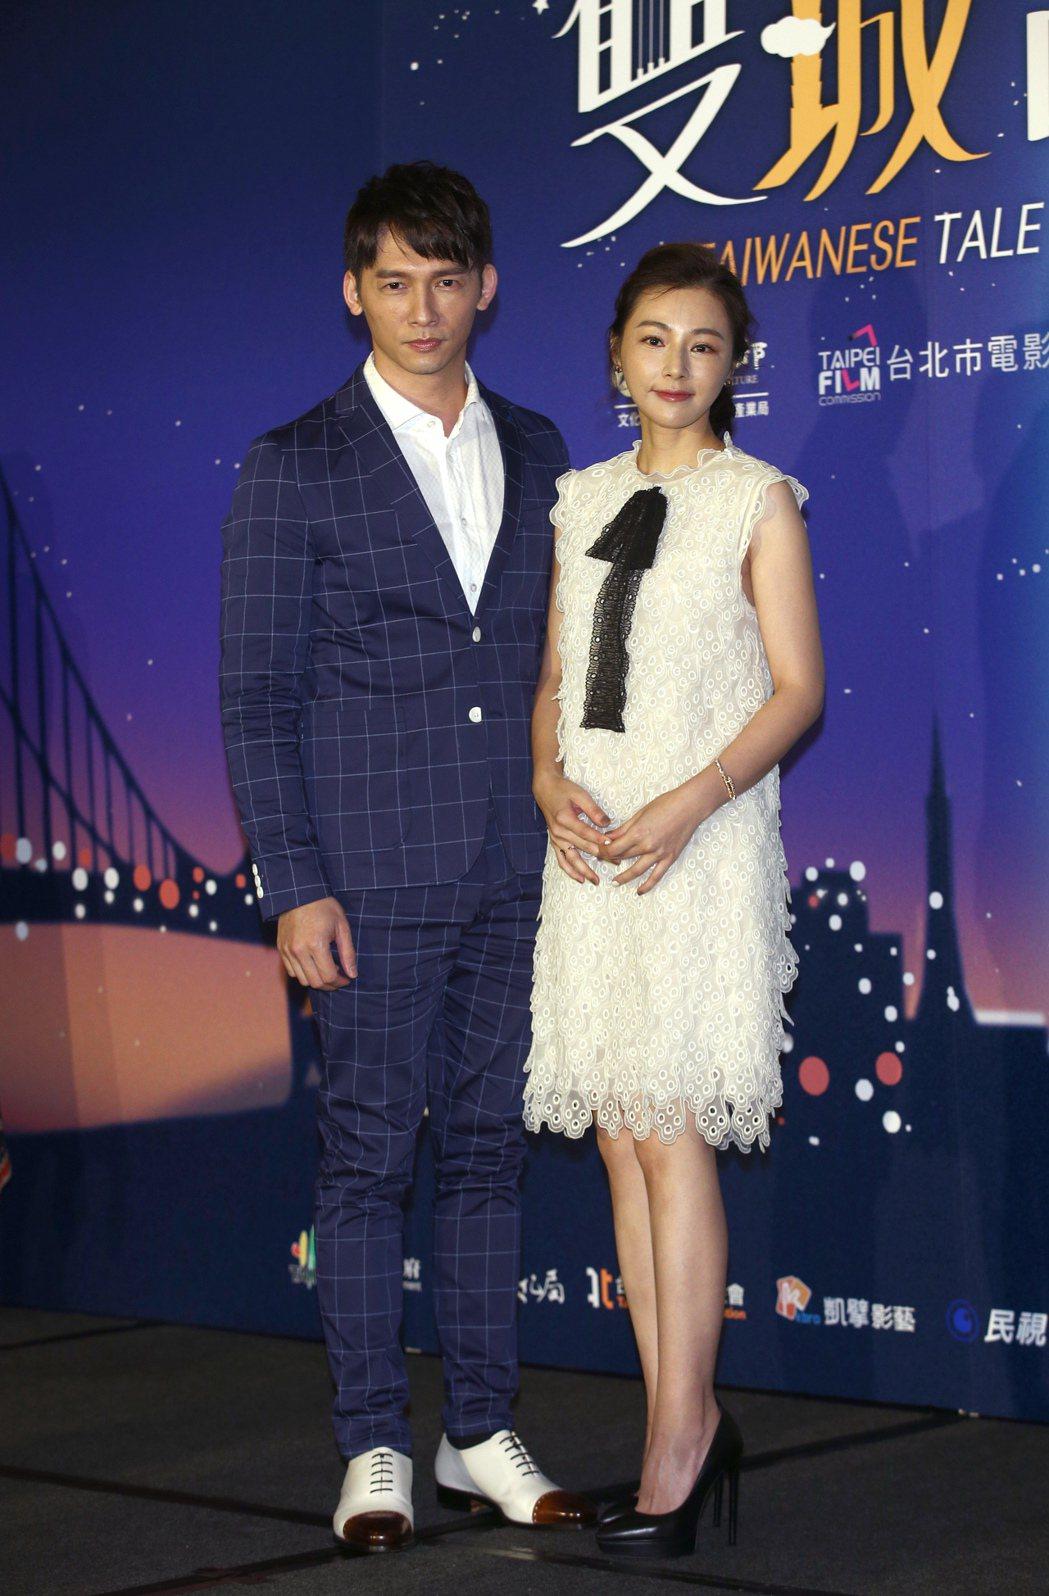 溫昇豪(左)與陳怡蓉(右)一起出席跨國影集「雙城故事」開鏡,陳怡蓉透露自己是中醫...